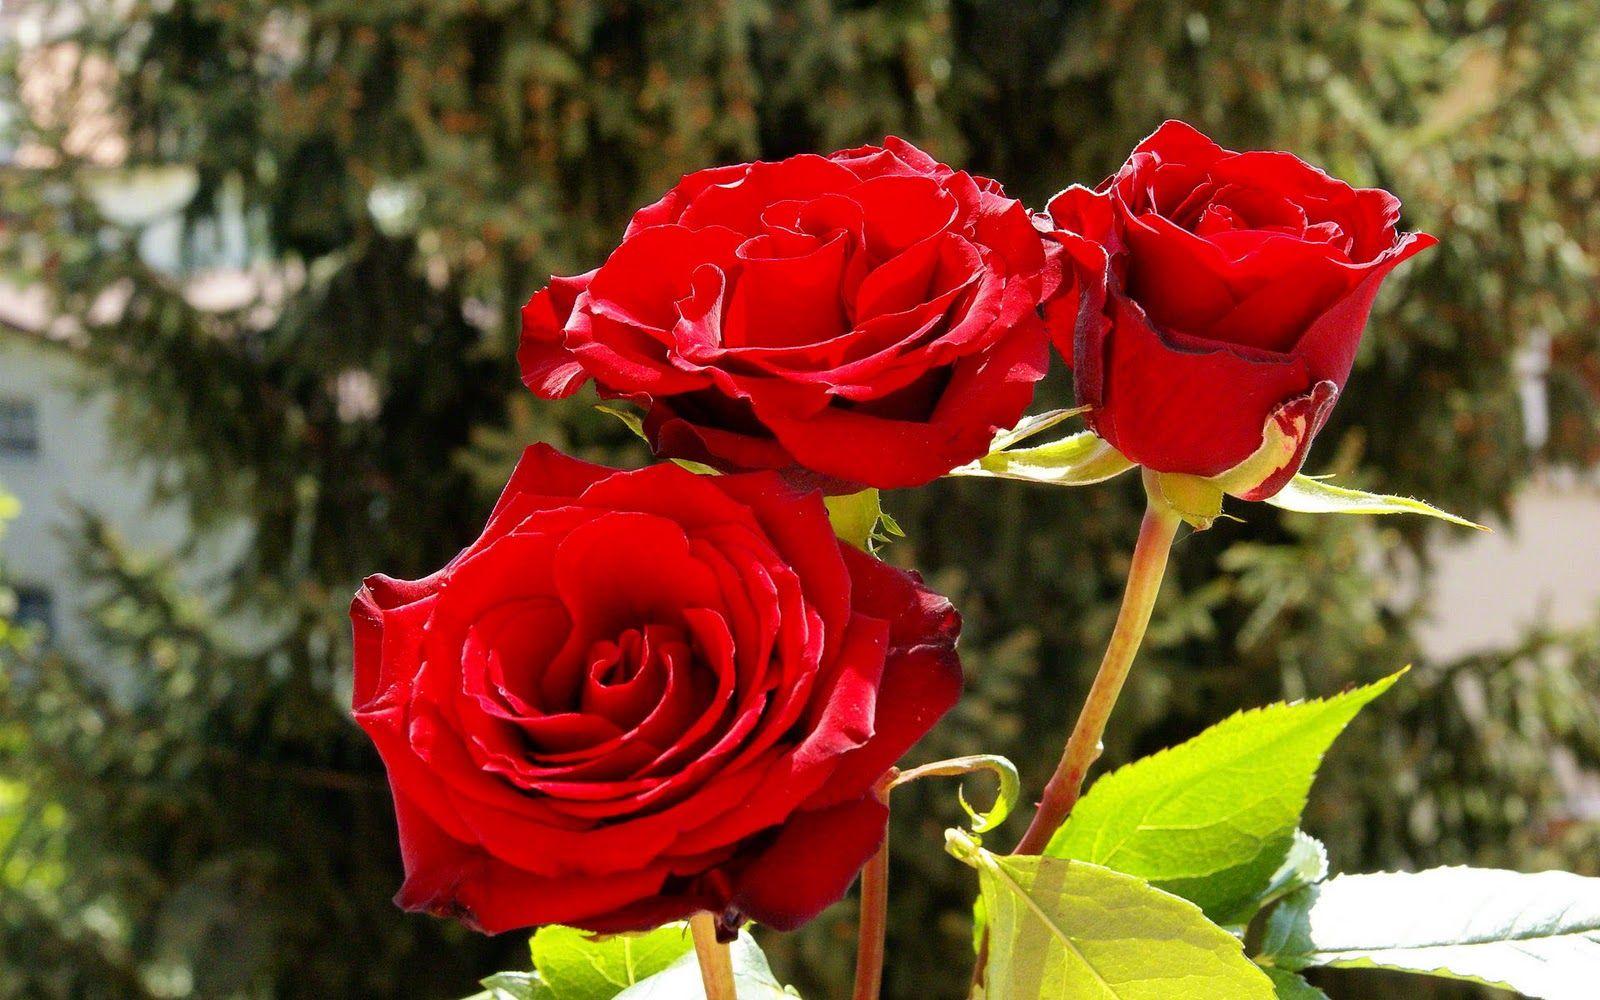 rosa Rosen Wallpaper HD